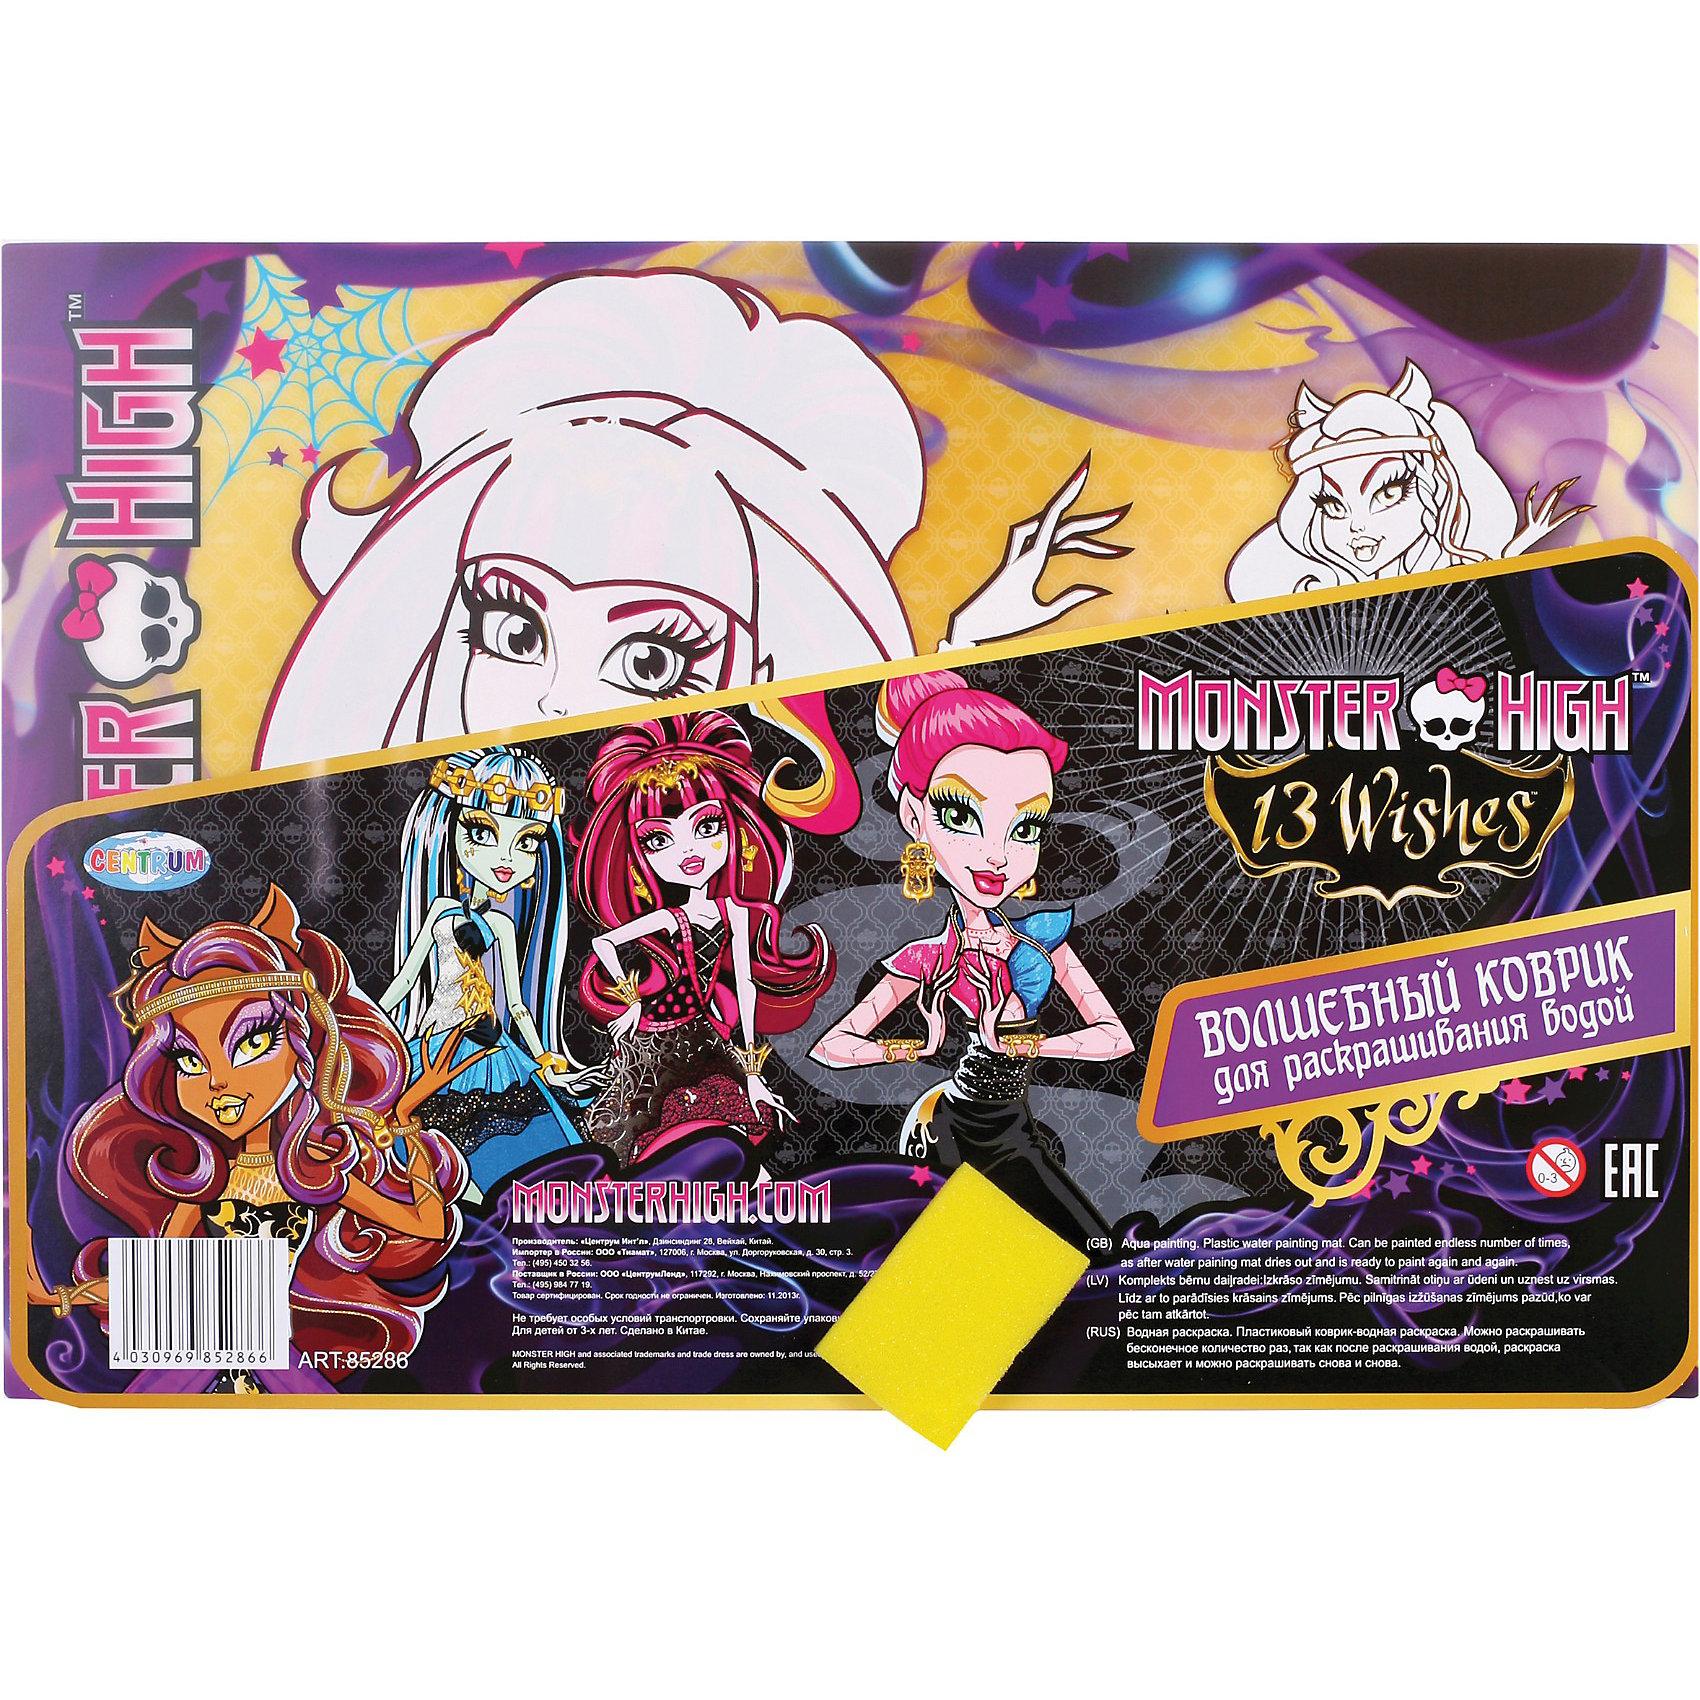 Волшебный коврик для раскрашивания водой (в ассортименте), Monster High